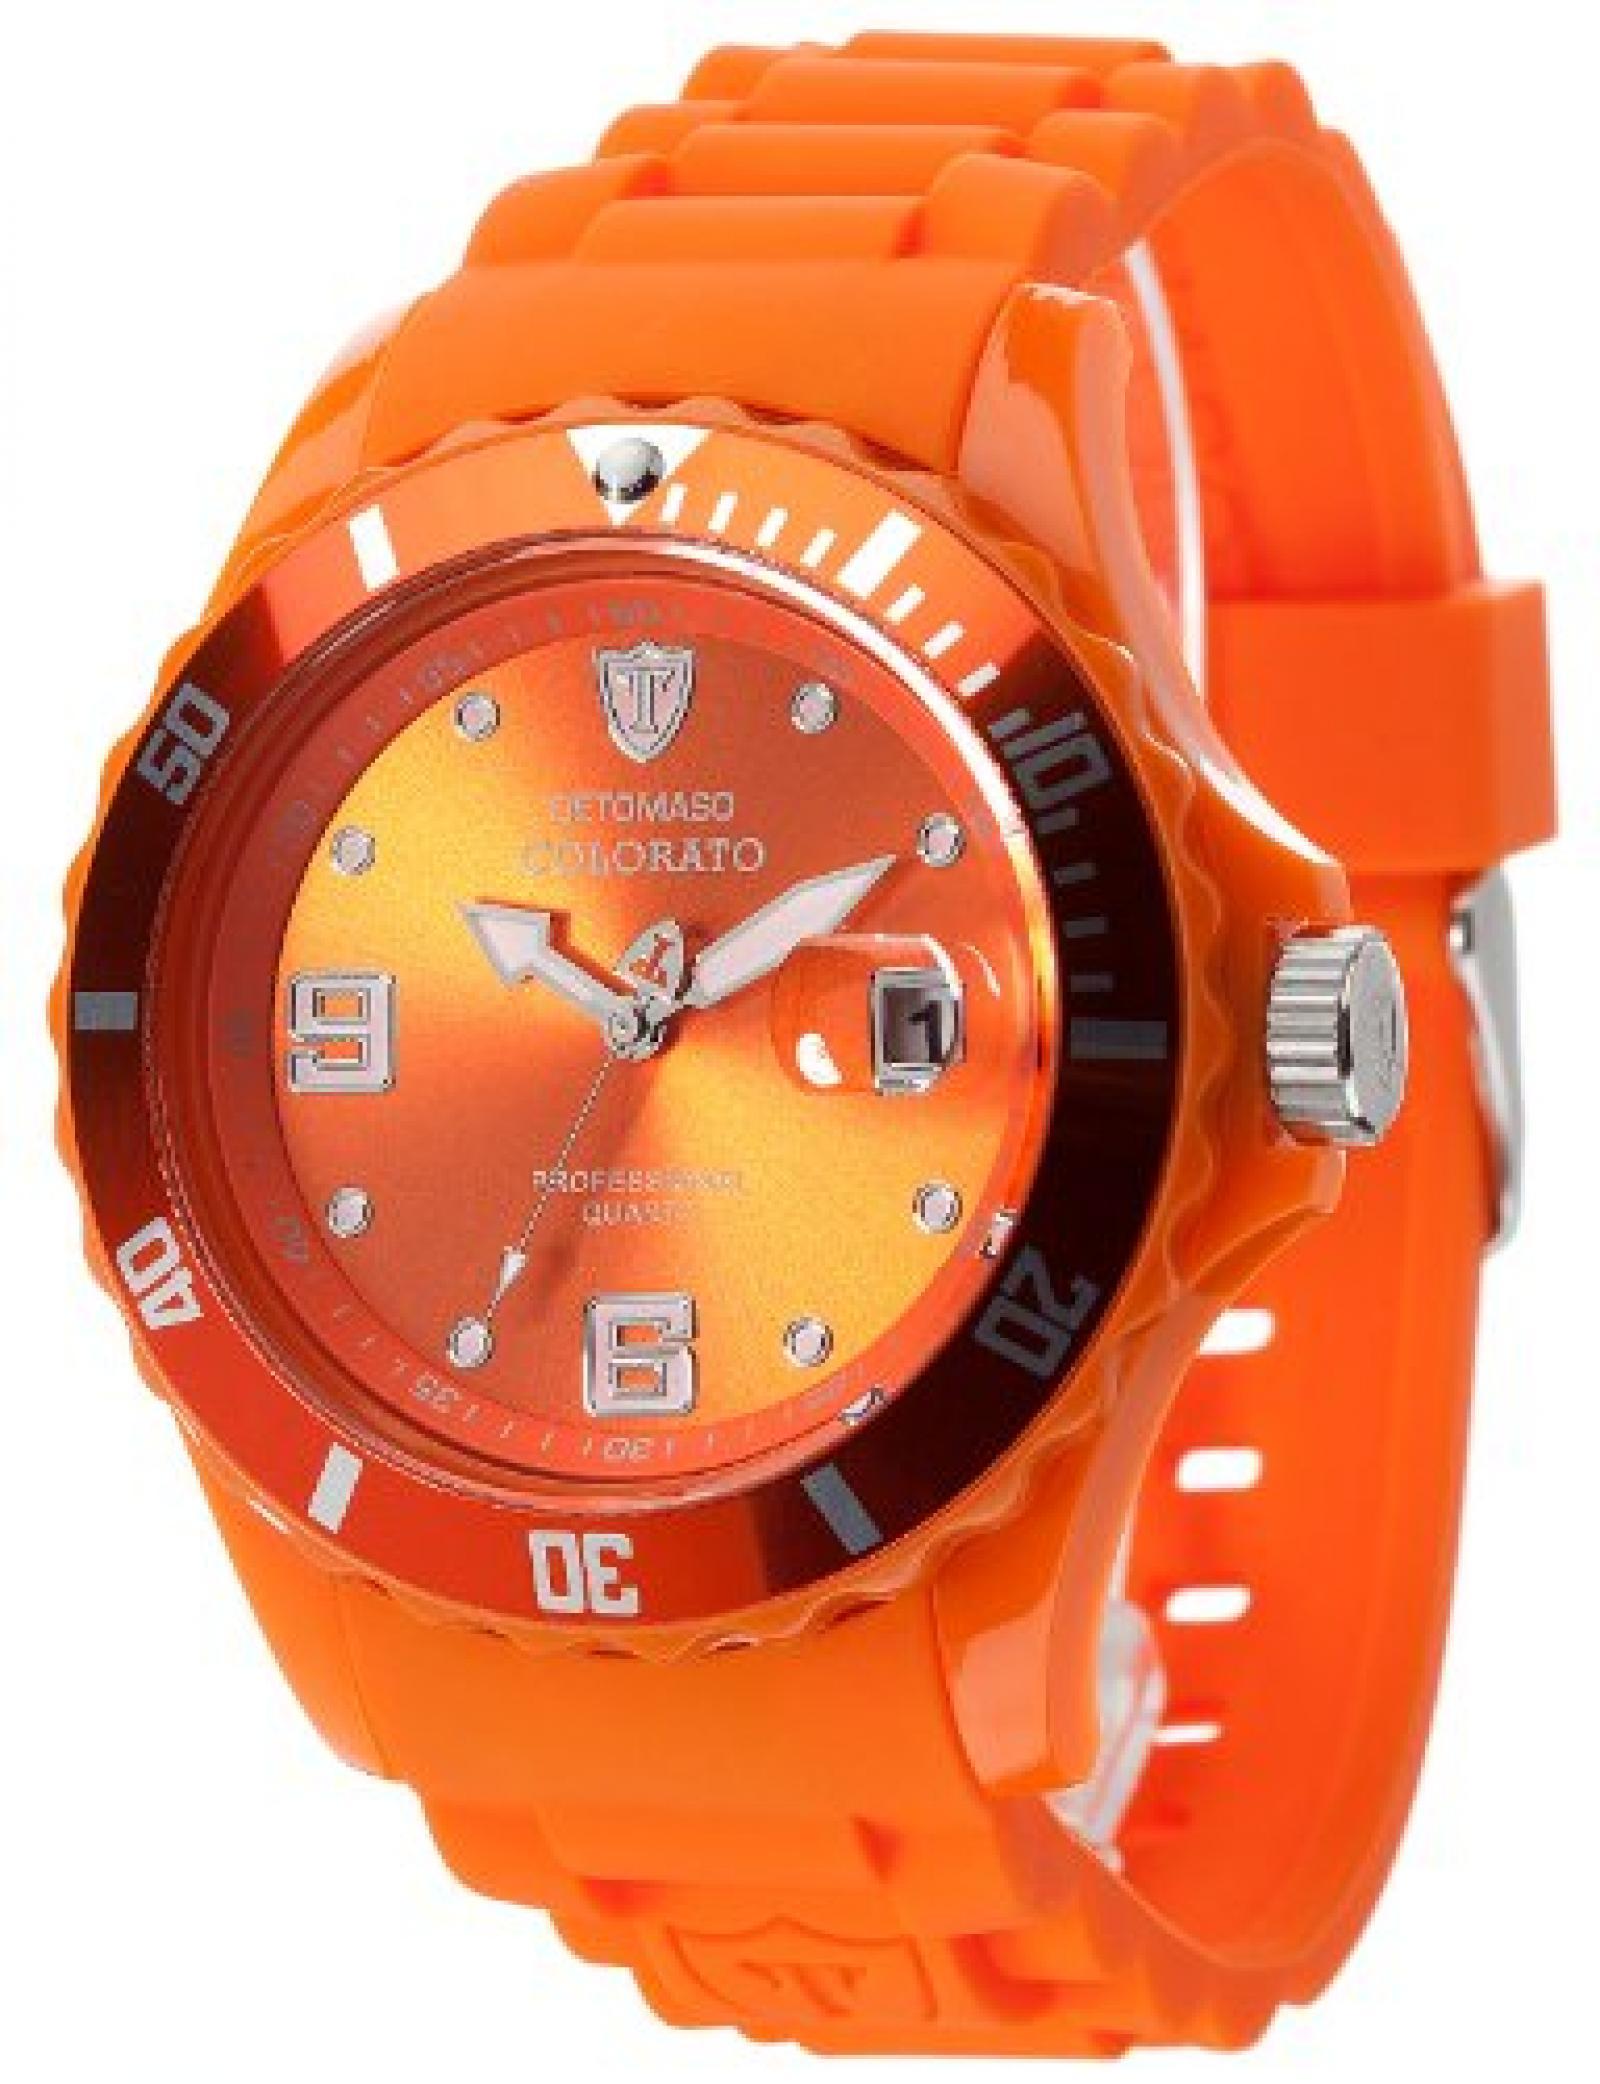 Detomaso Unisex-Armbanduhr COLORATO DATE Orange Trend Analog Quarz Silikon DT2028-F